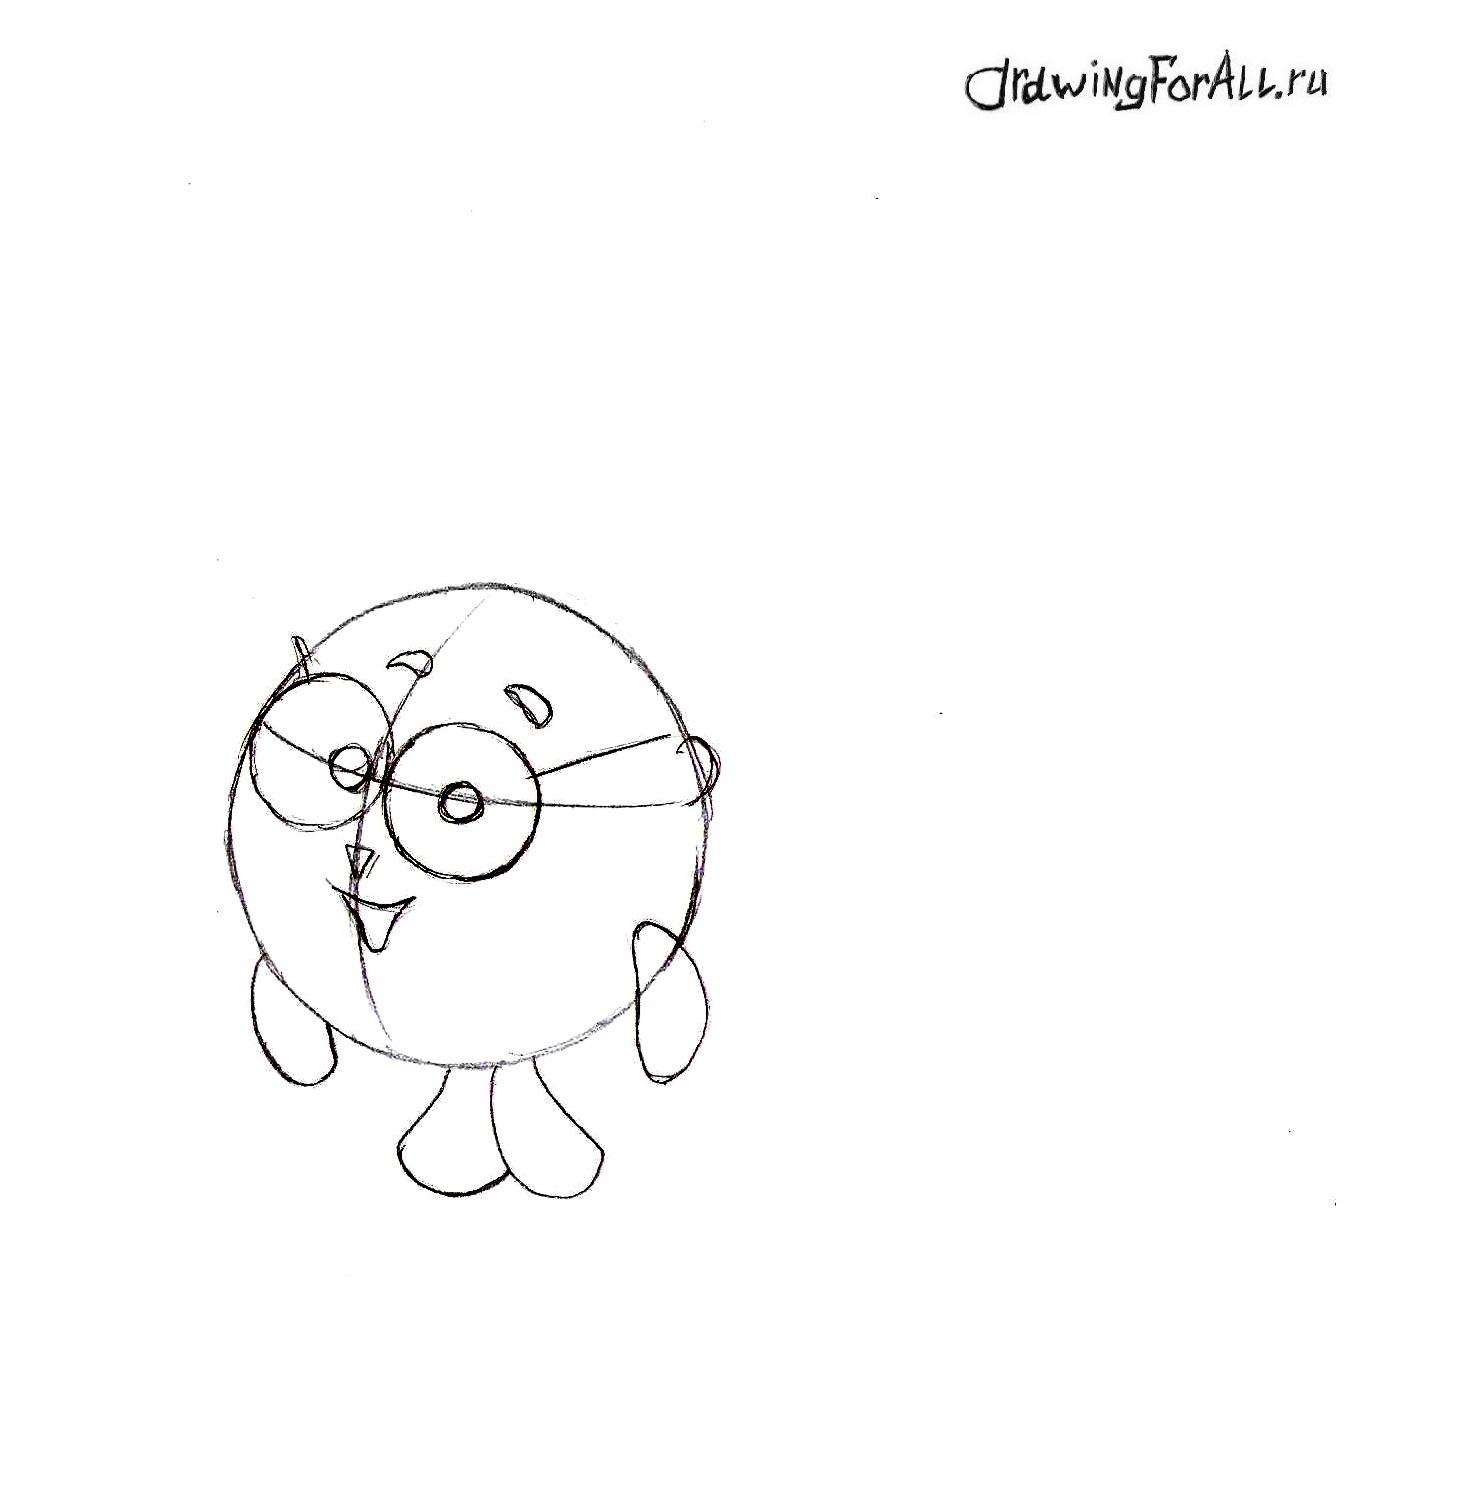 Как нарисовать Ёжика из Смешариков